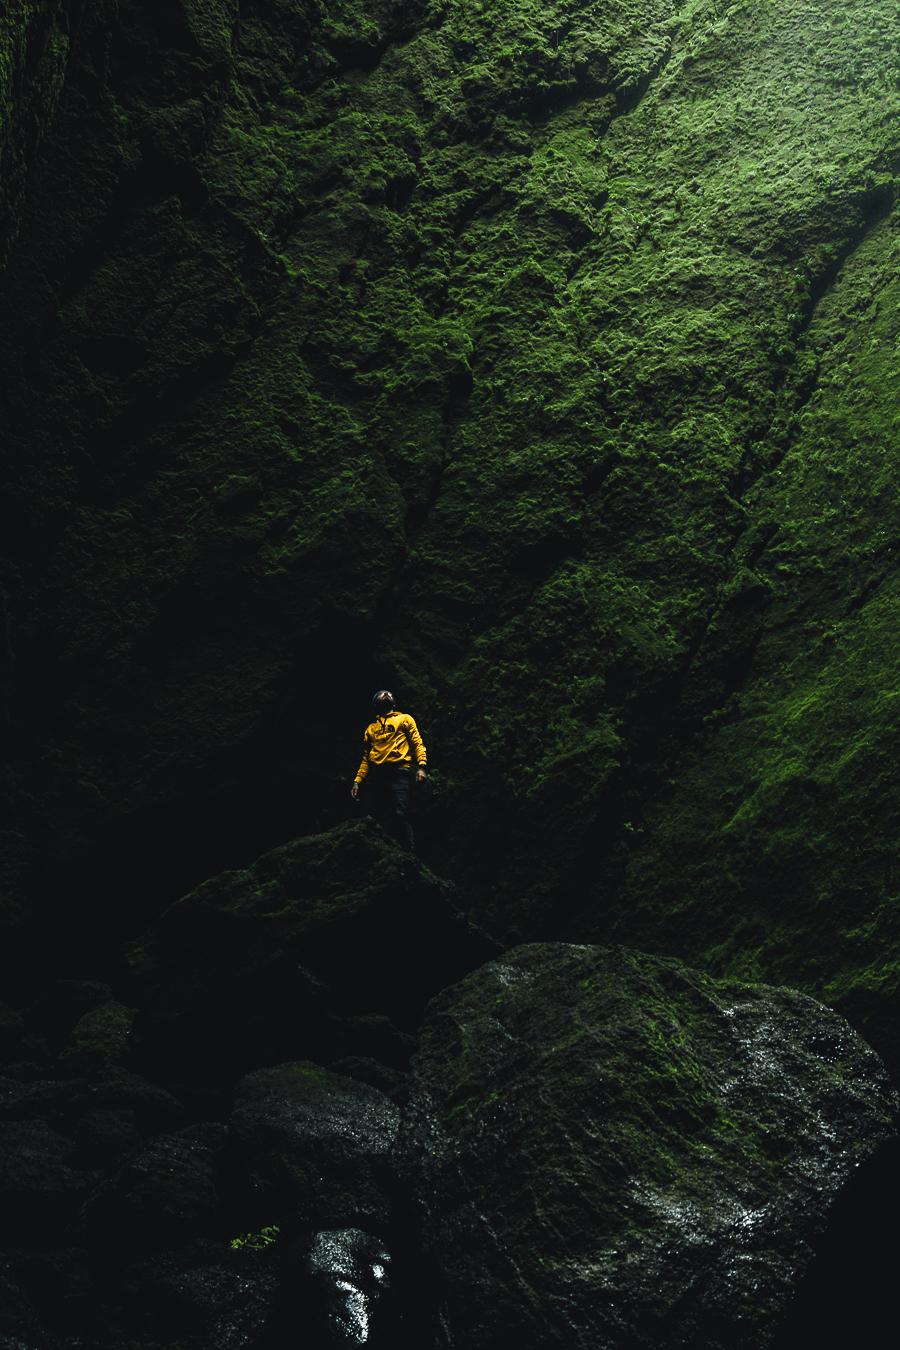 gabornagy_volcano_huts08.jpg